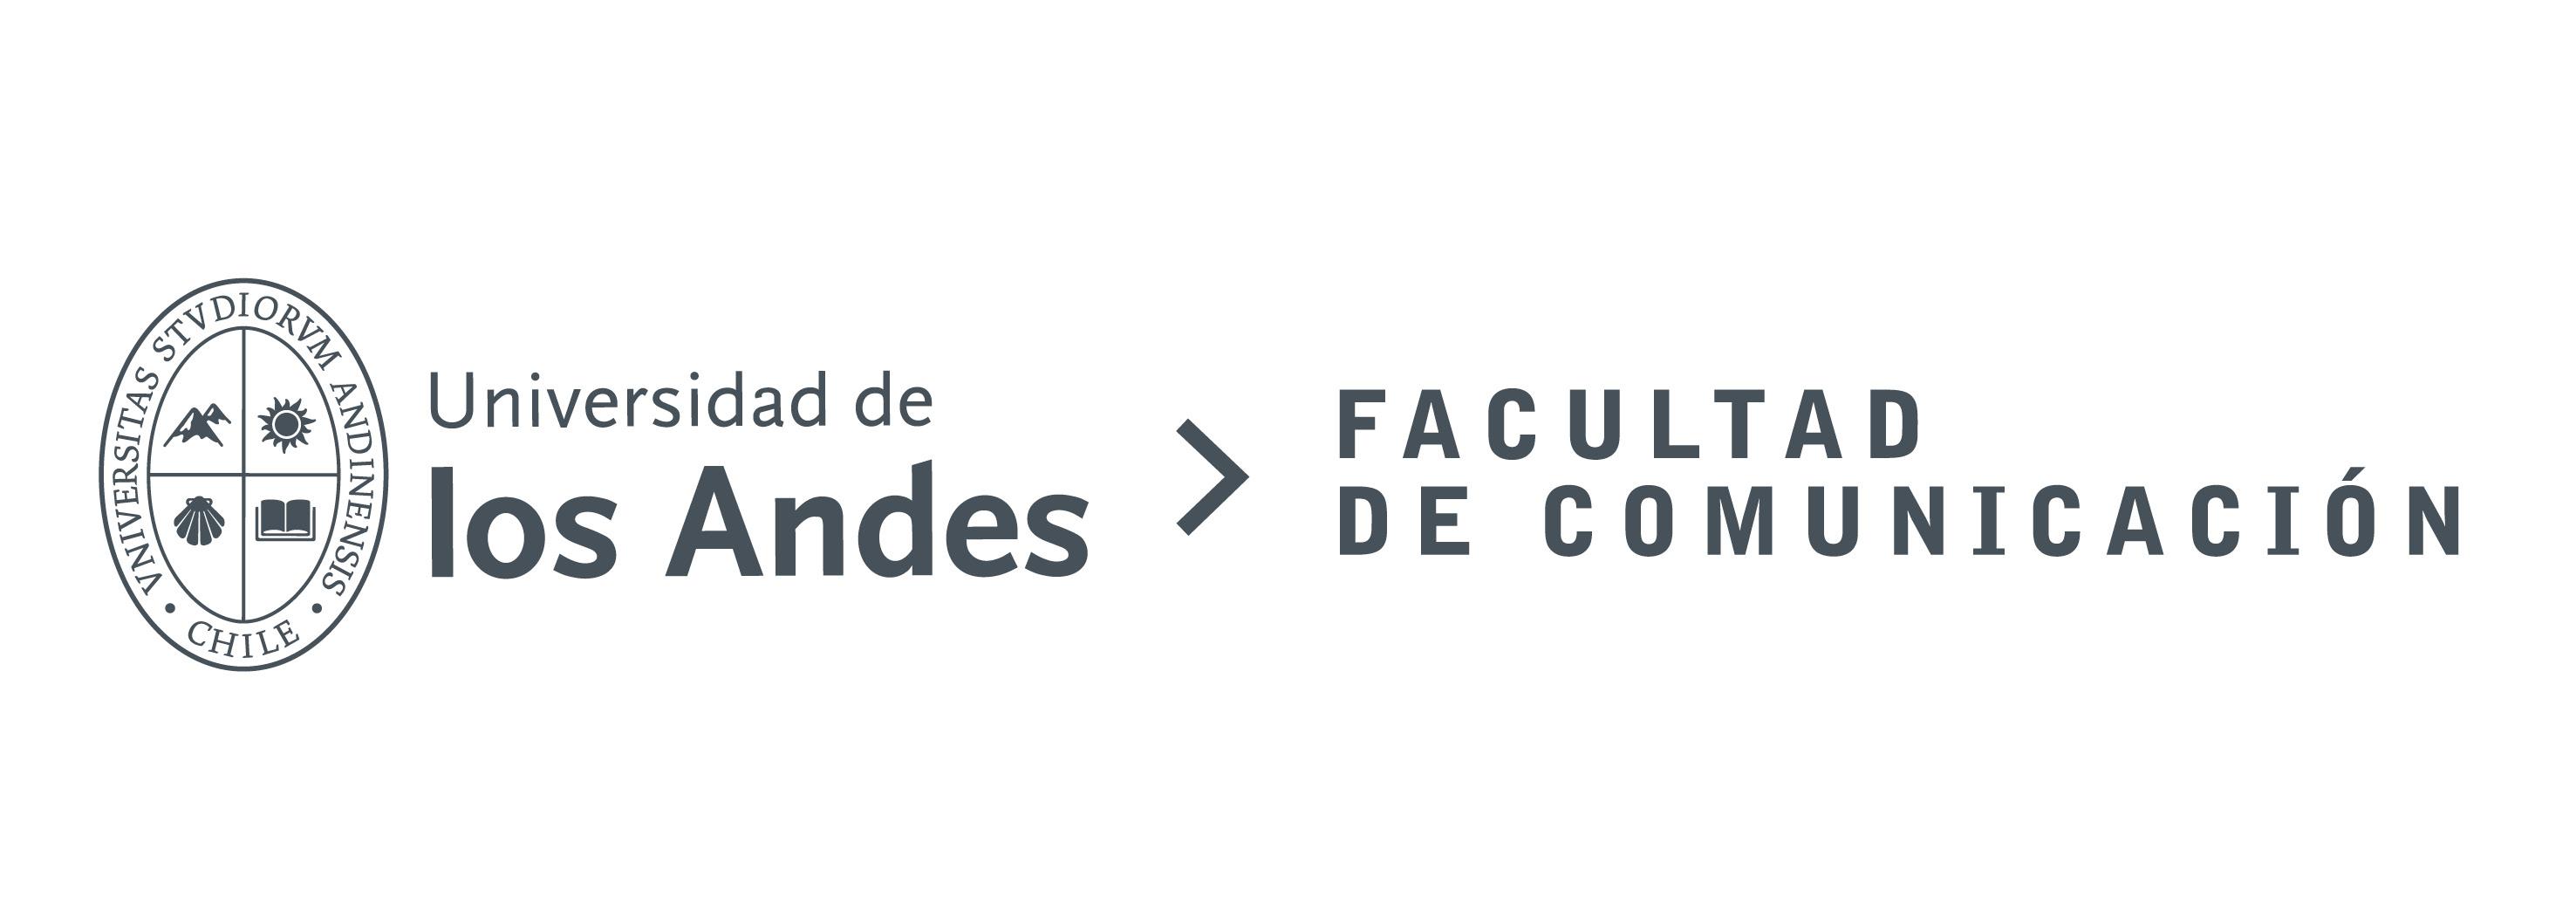 Facultad de Comunicación